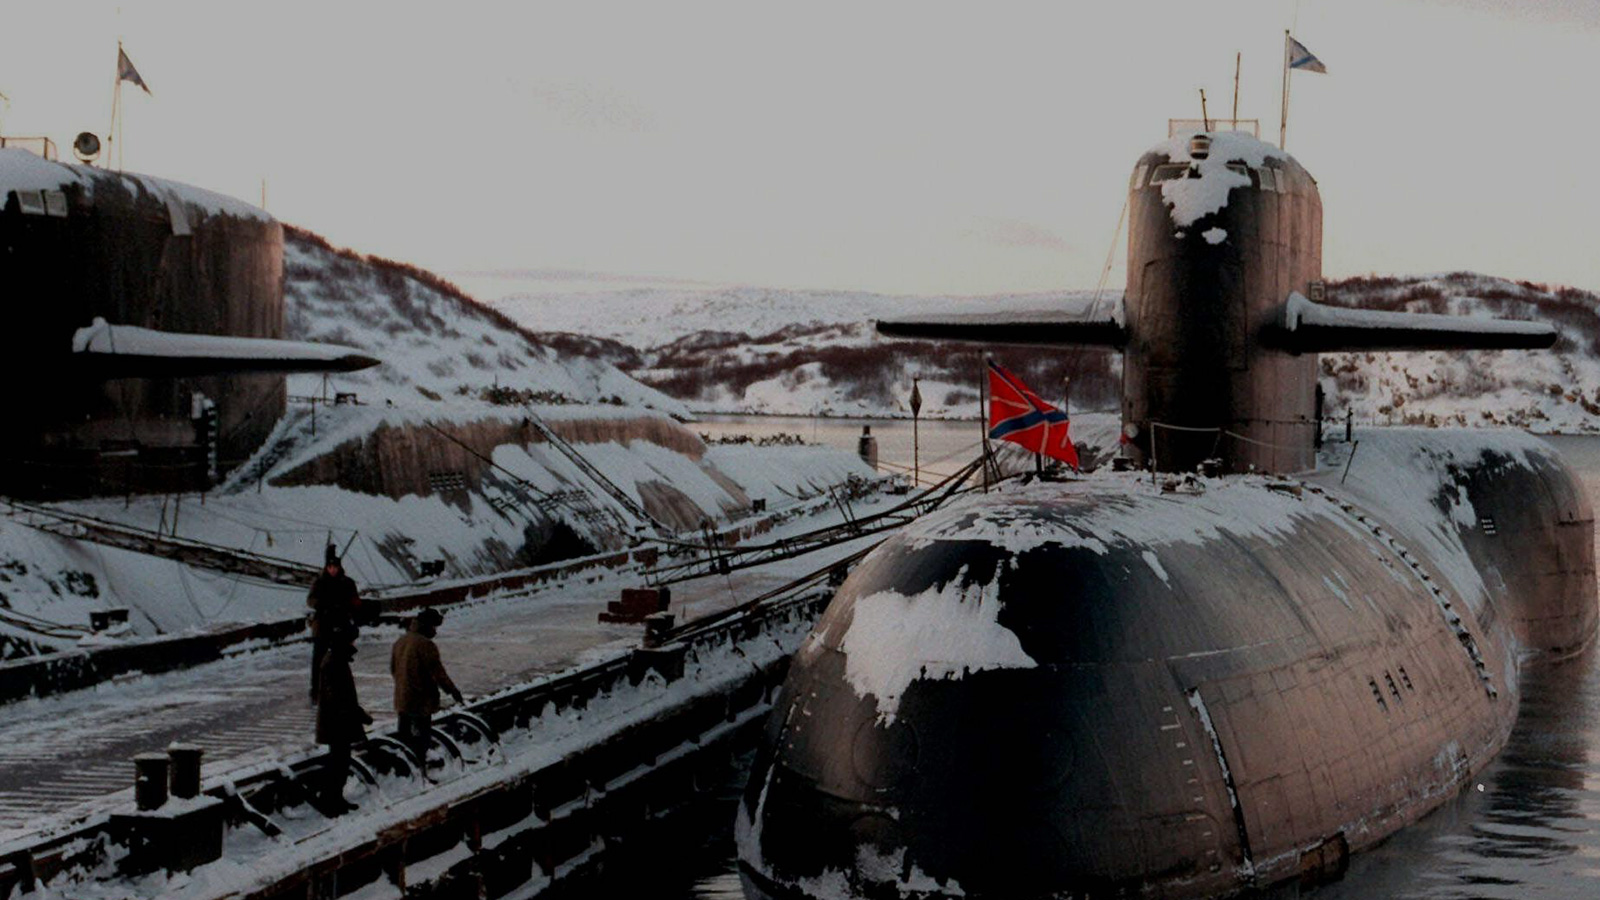 La Russie peut-elle causer une catastrophe nucléaire mondiale?